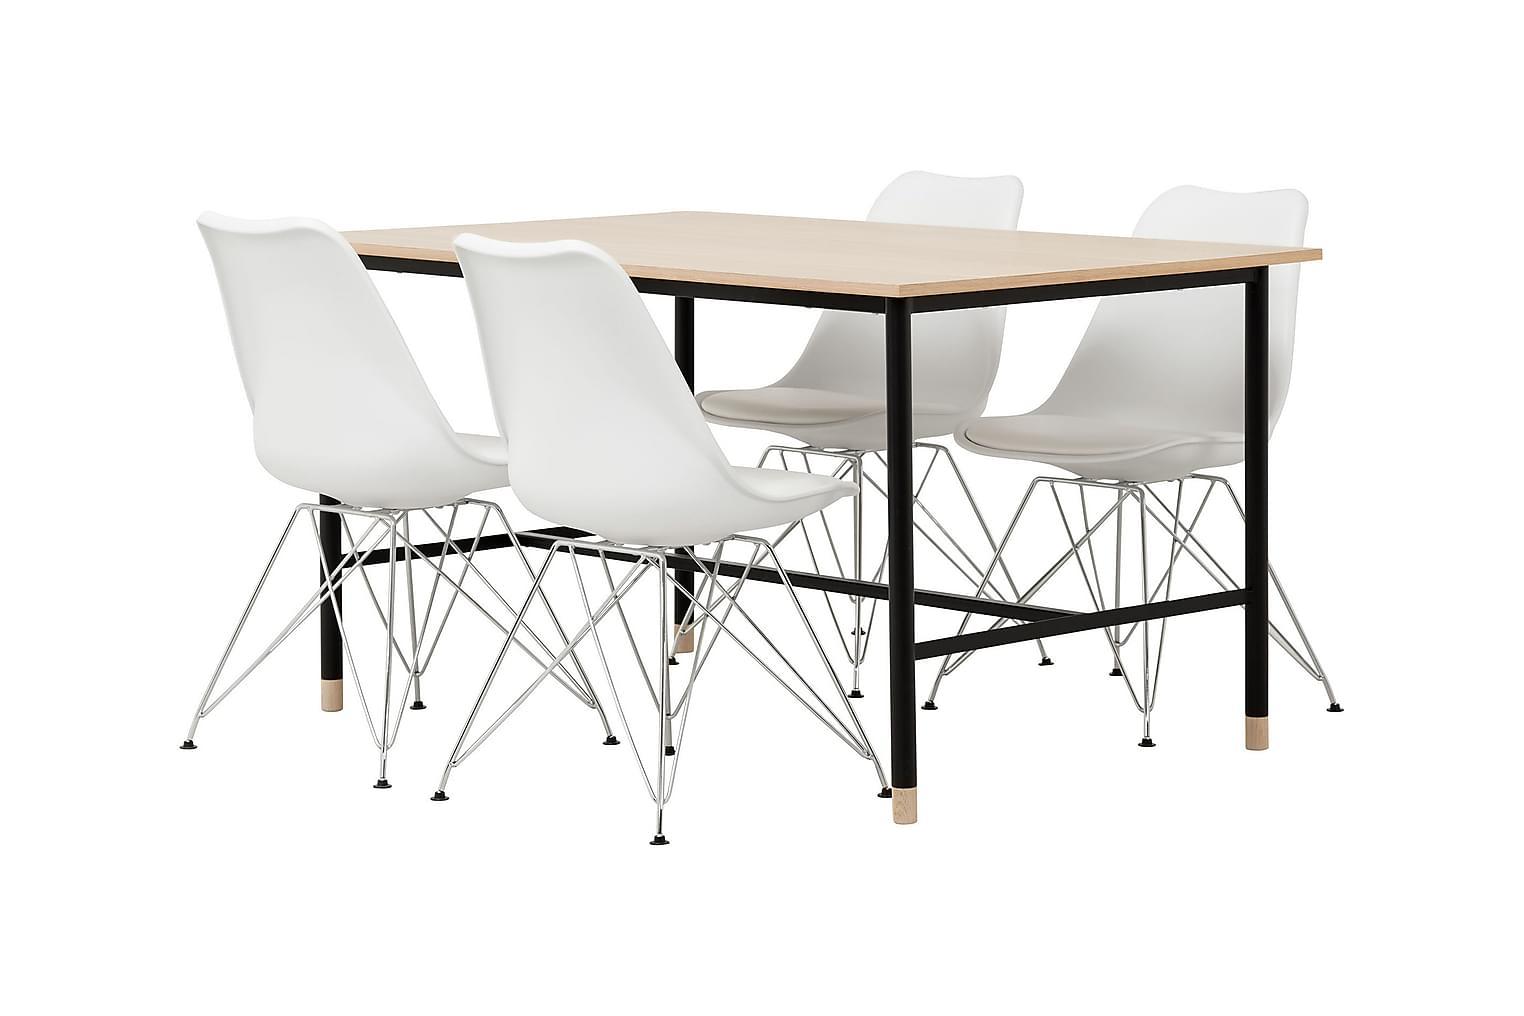 BRANDY Pöytä 138 Tammi/Musta + 4 SHELLO Tuolia Valkoinen/Kro